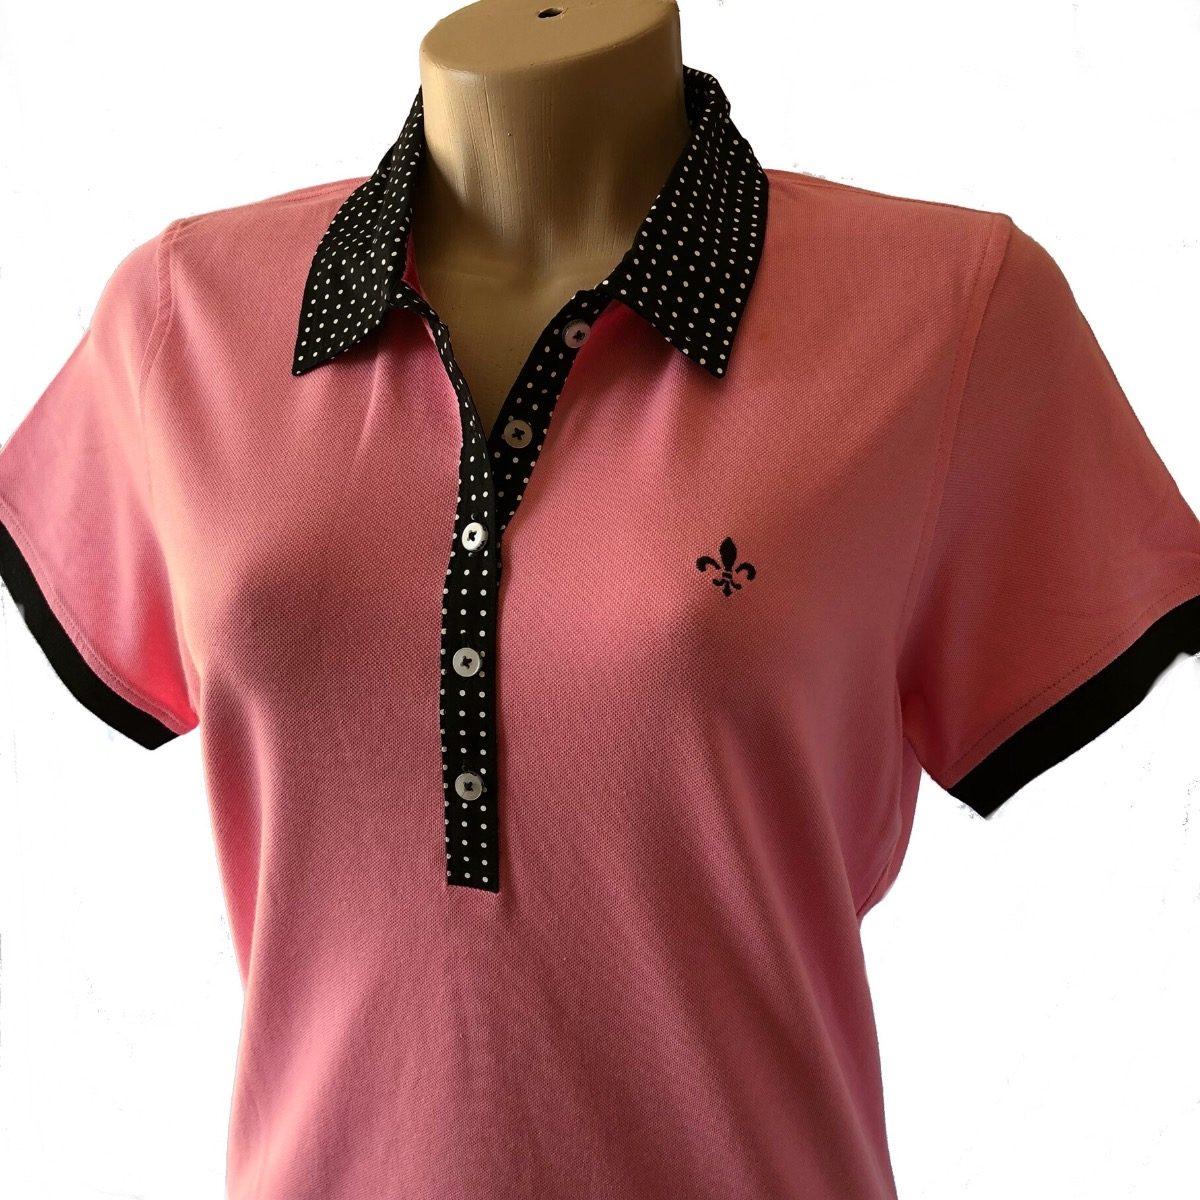 7bec81ce0e51d camisa polo feminina dudalina algodão pima original. Carregando zoom.